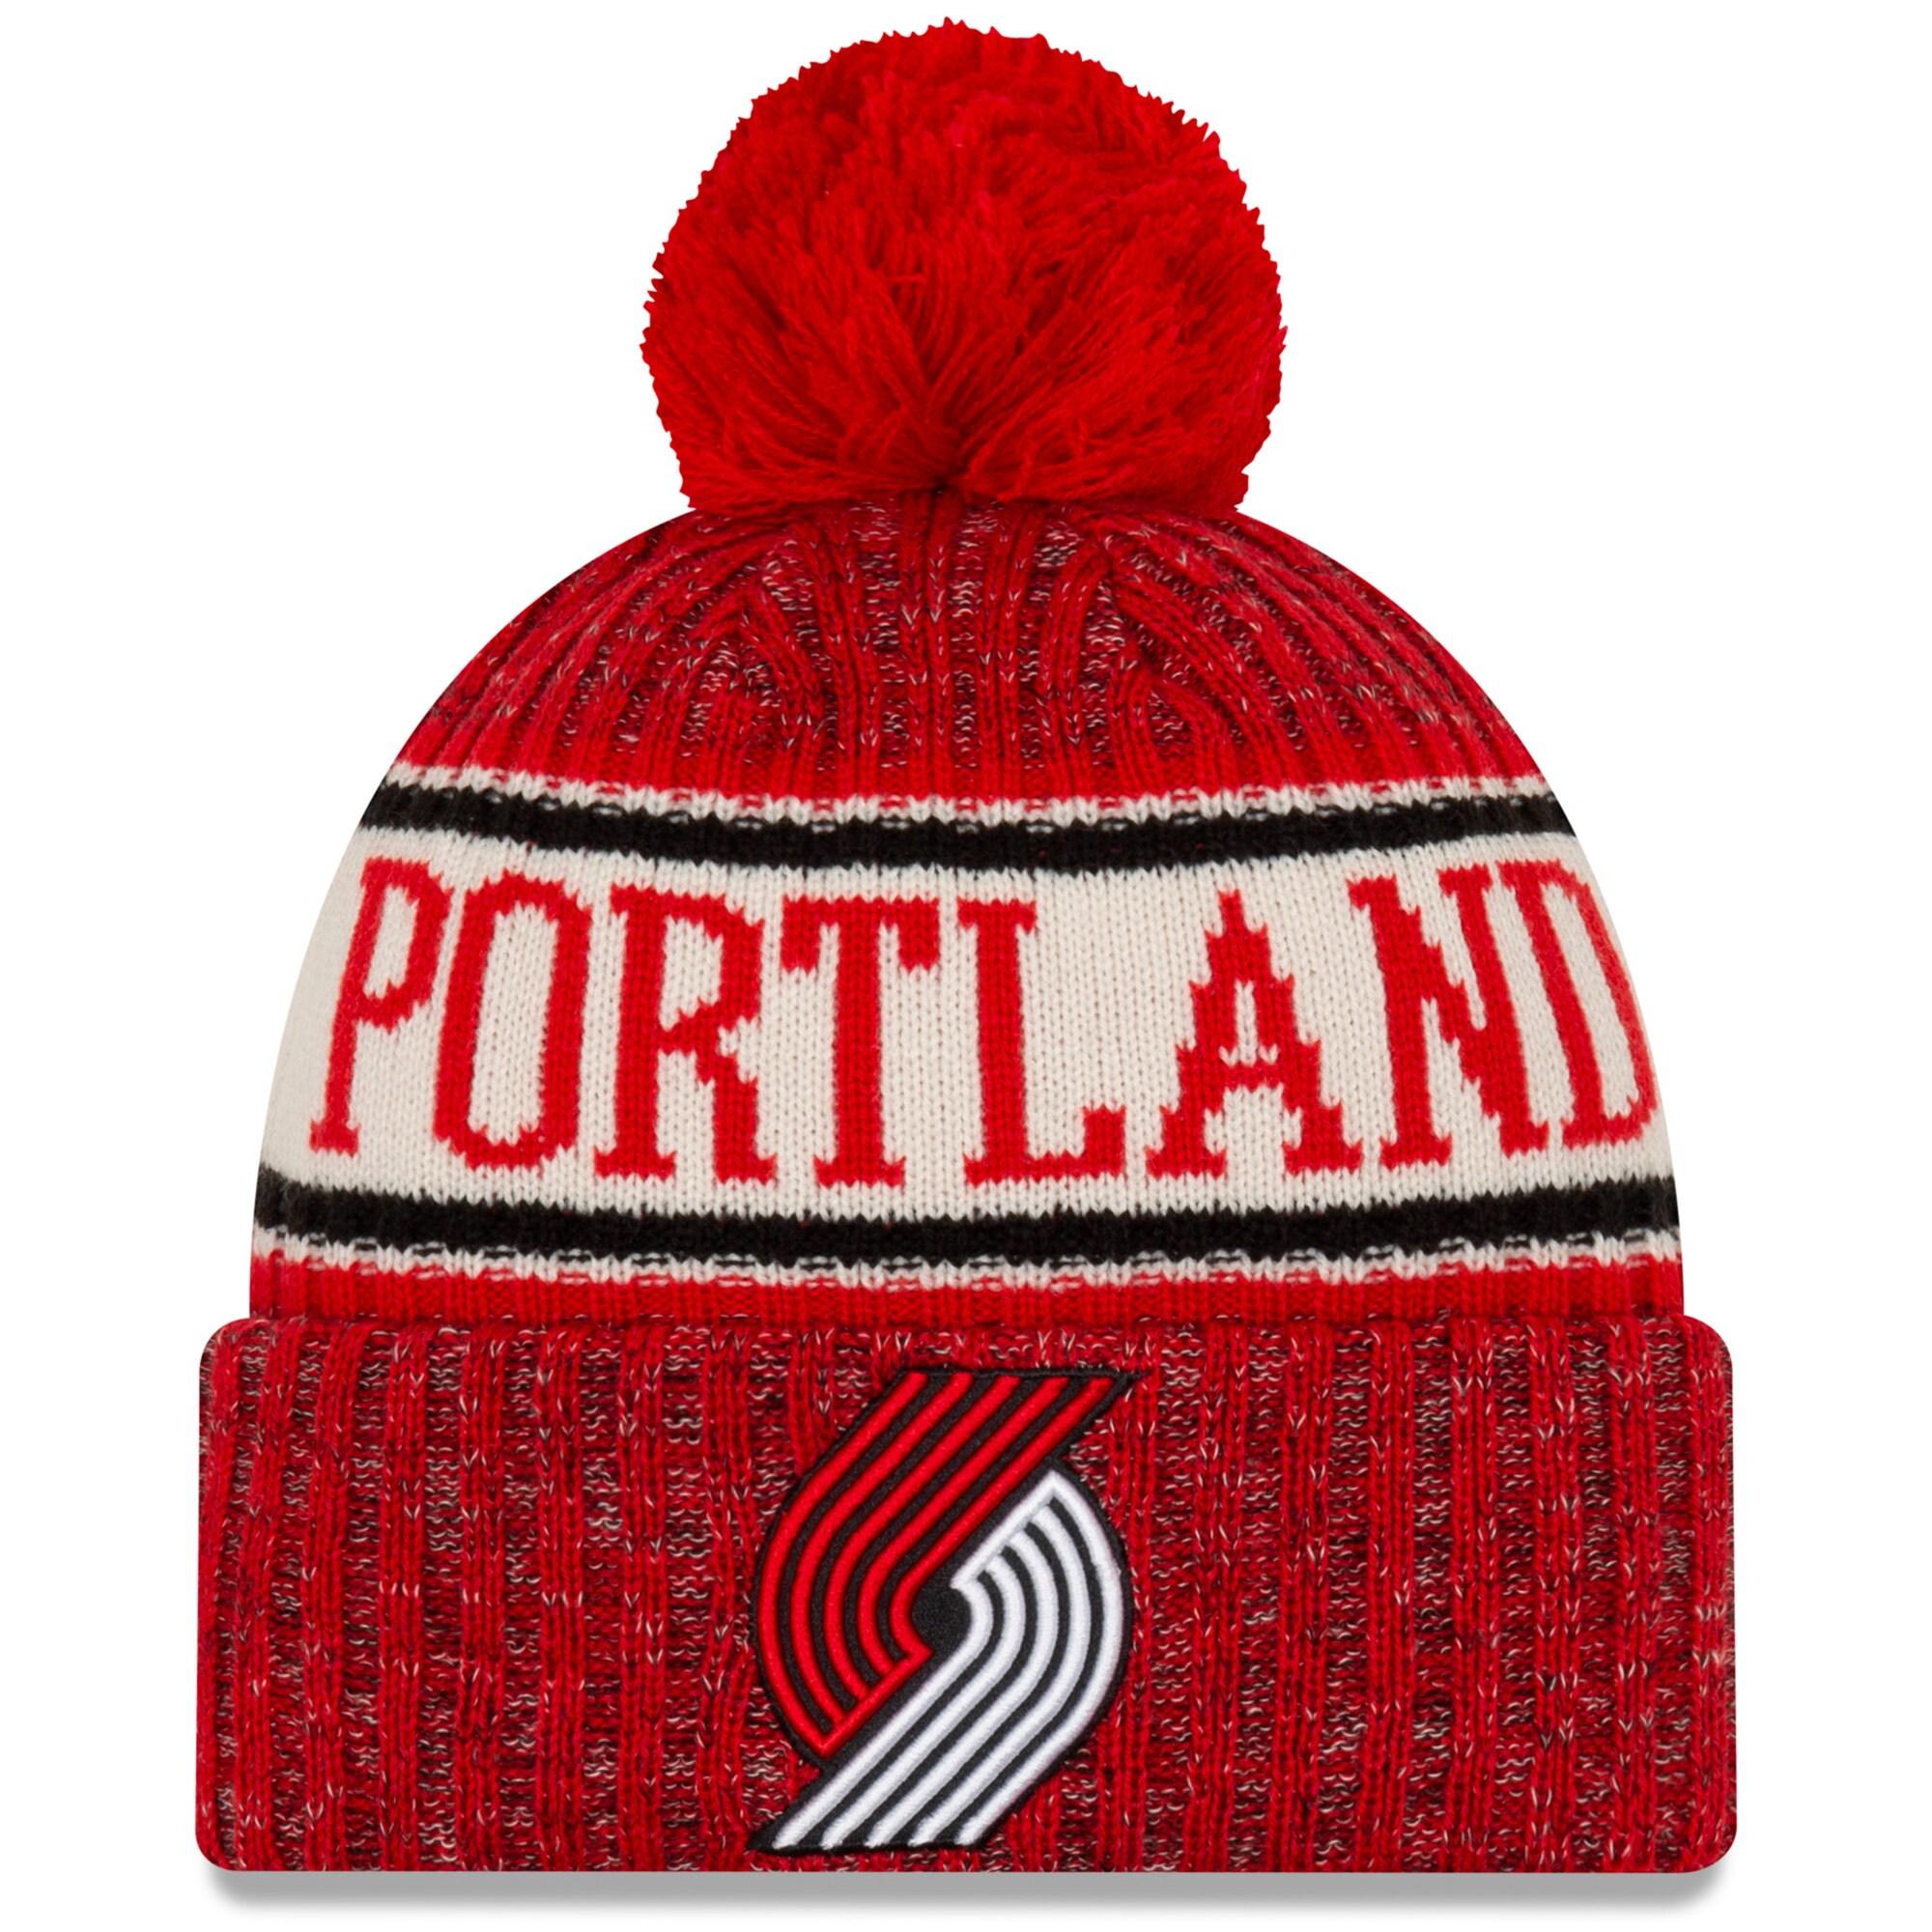 Portland Trail Blazers New Era Sport Cuffed Knit Hat with Pom - Red